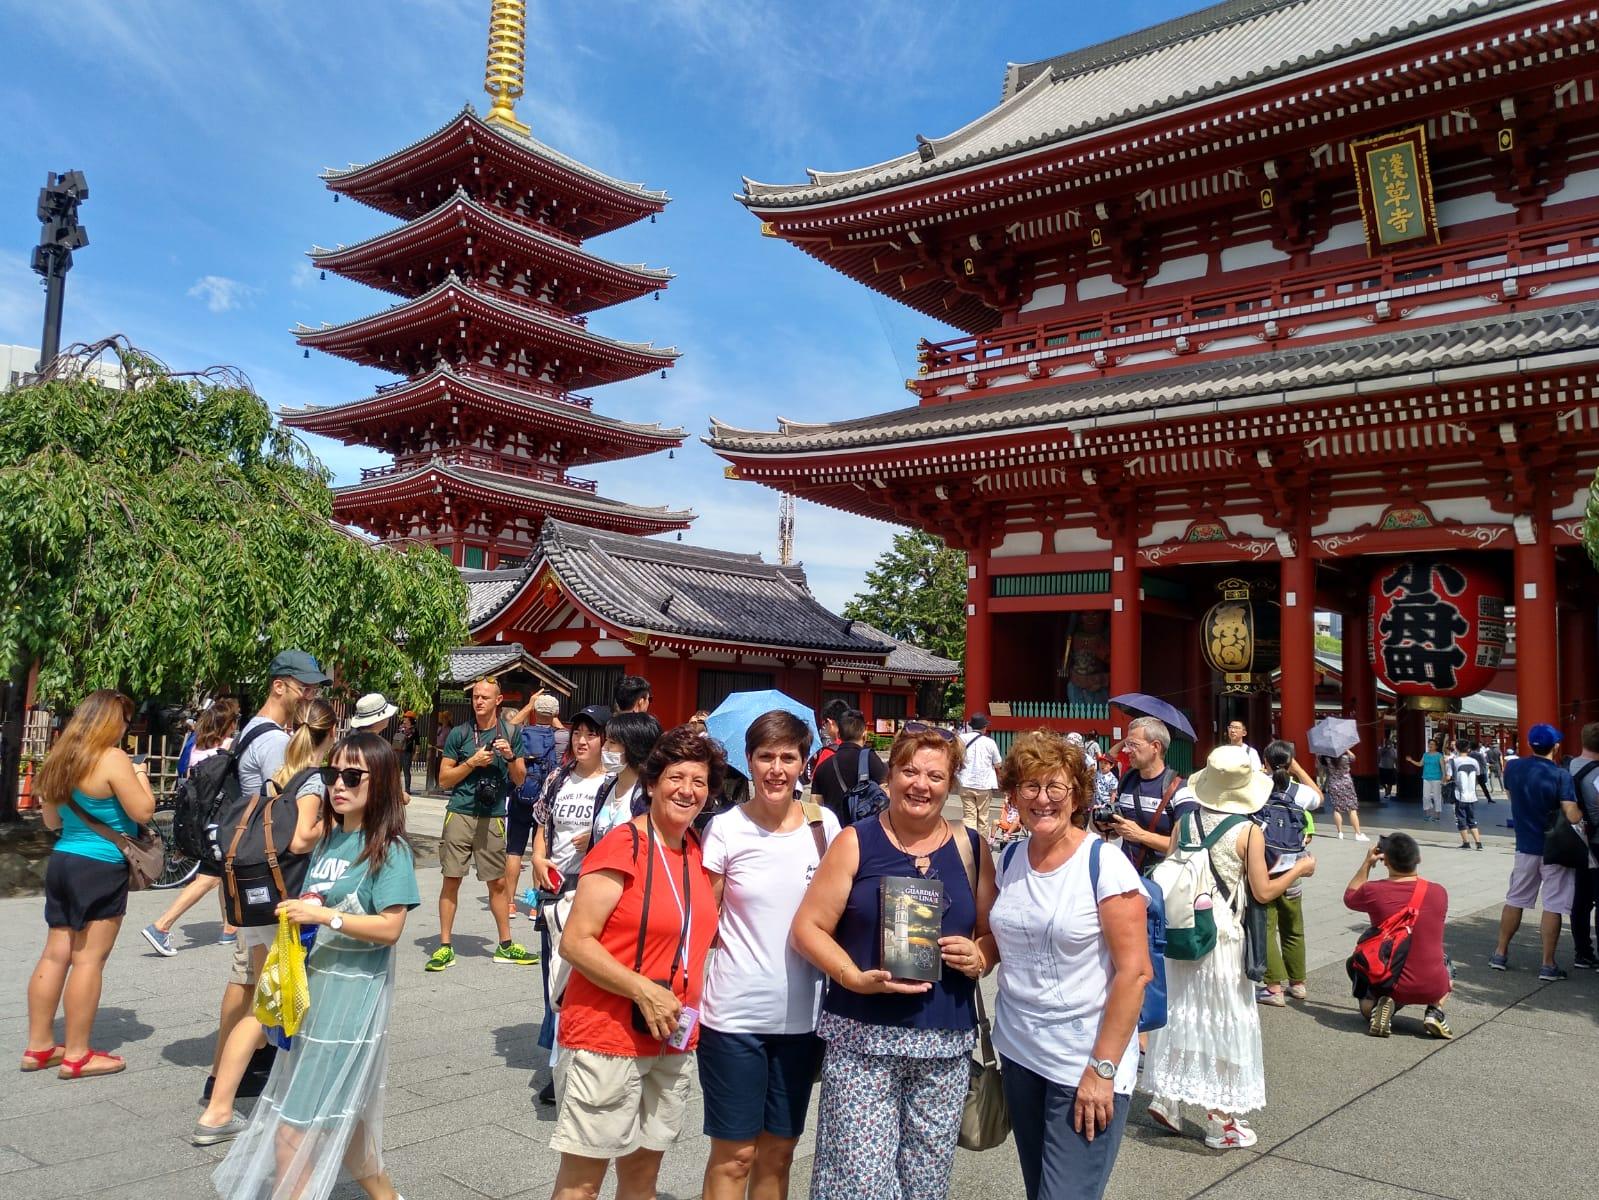 En la fotografía Ana, Inma, Montse y Pilar, posan con la novela a las puertas del Templo Sensoji, construido en el año 648, el más antiguo de Japón.